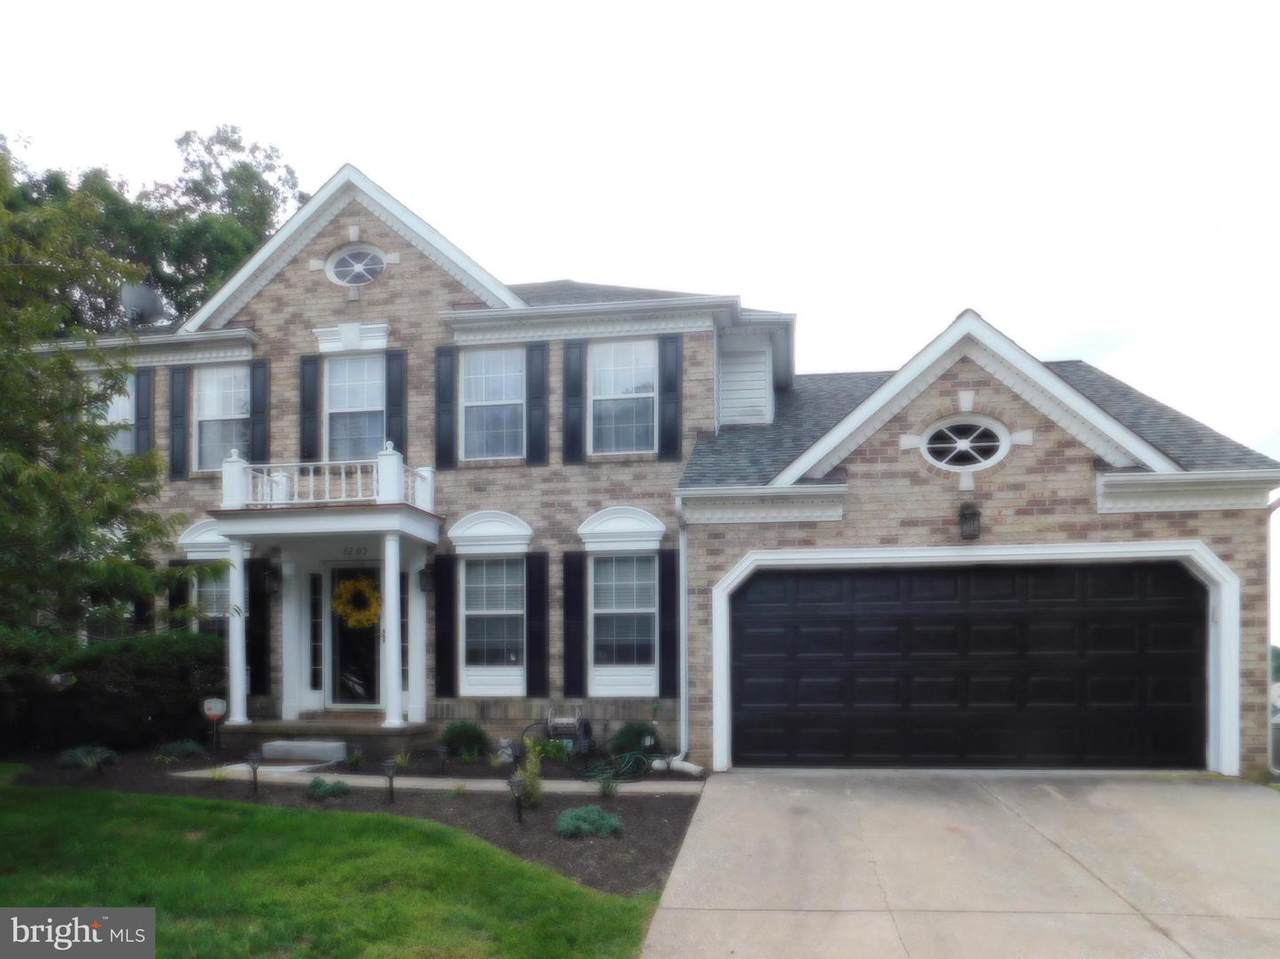 4205 Wynfield Drive - Photo 1